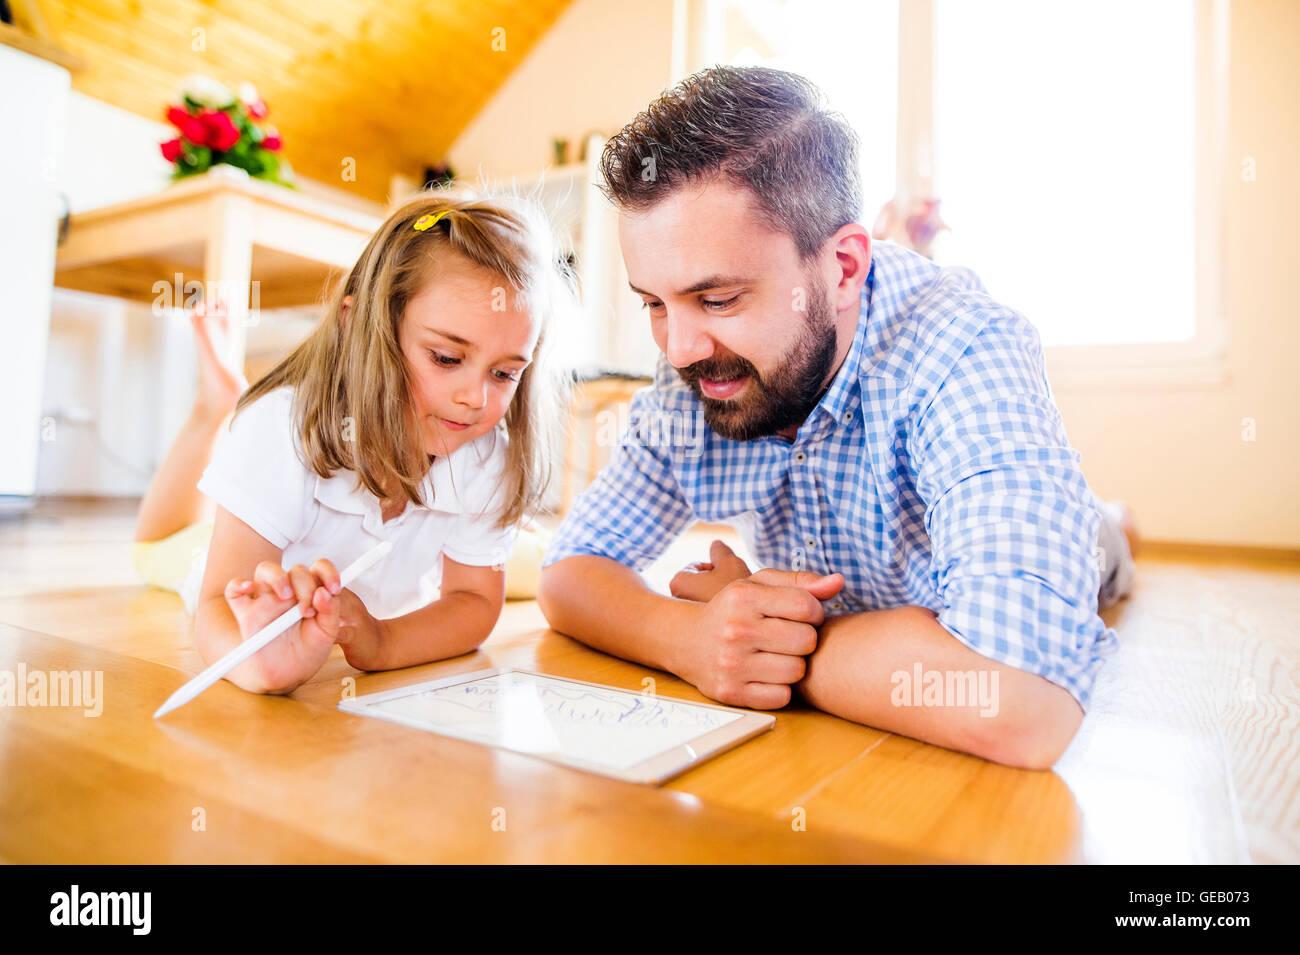 Vater und Tochter auf Boden liegend, gestützt auf digital-Tablette Stockbild